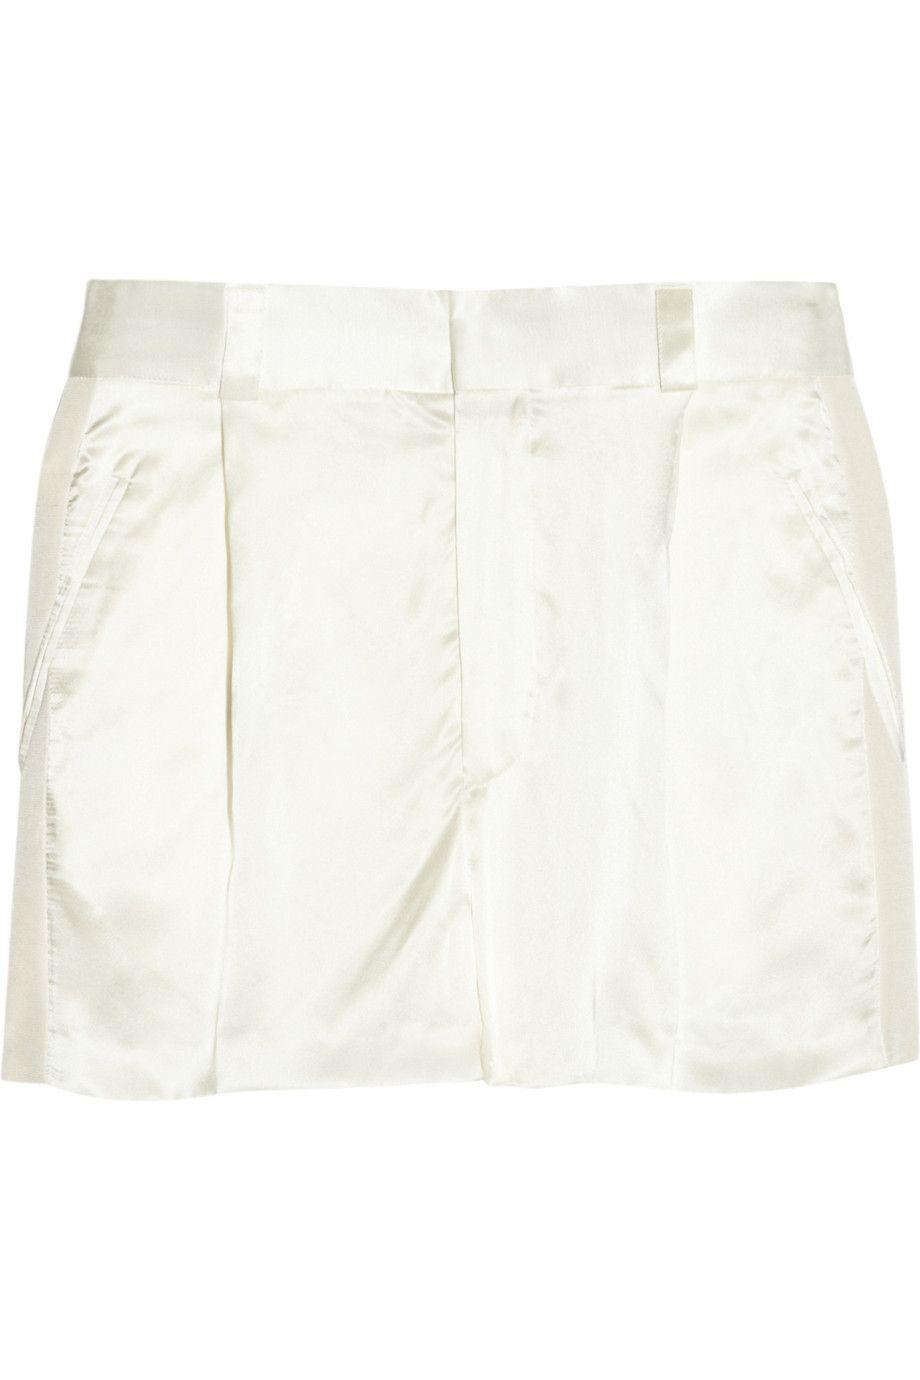 HAIDER ACKERMANN Grosgrain-Trimmed Silk-Satin Shorts. #haiderackermann #cloth #shorts